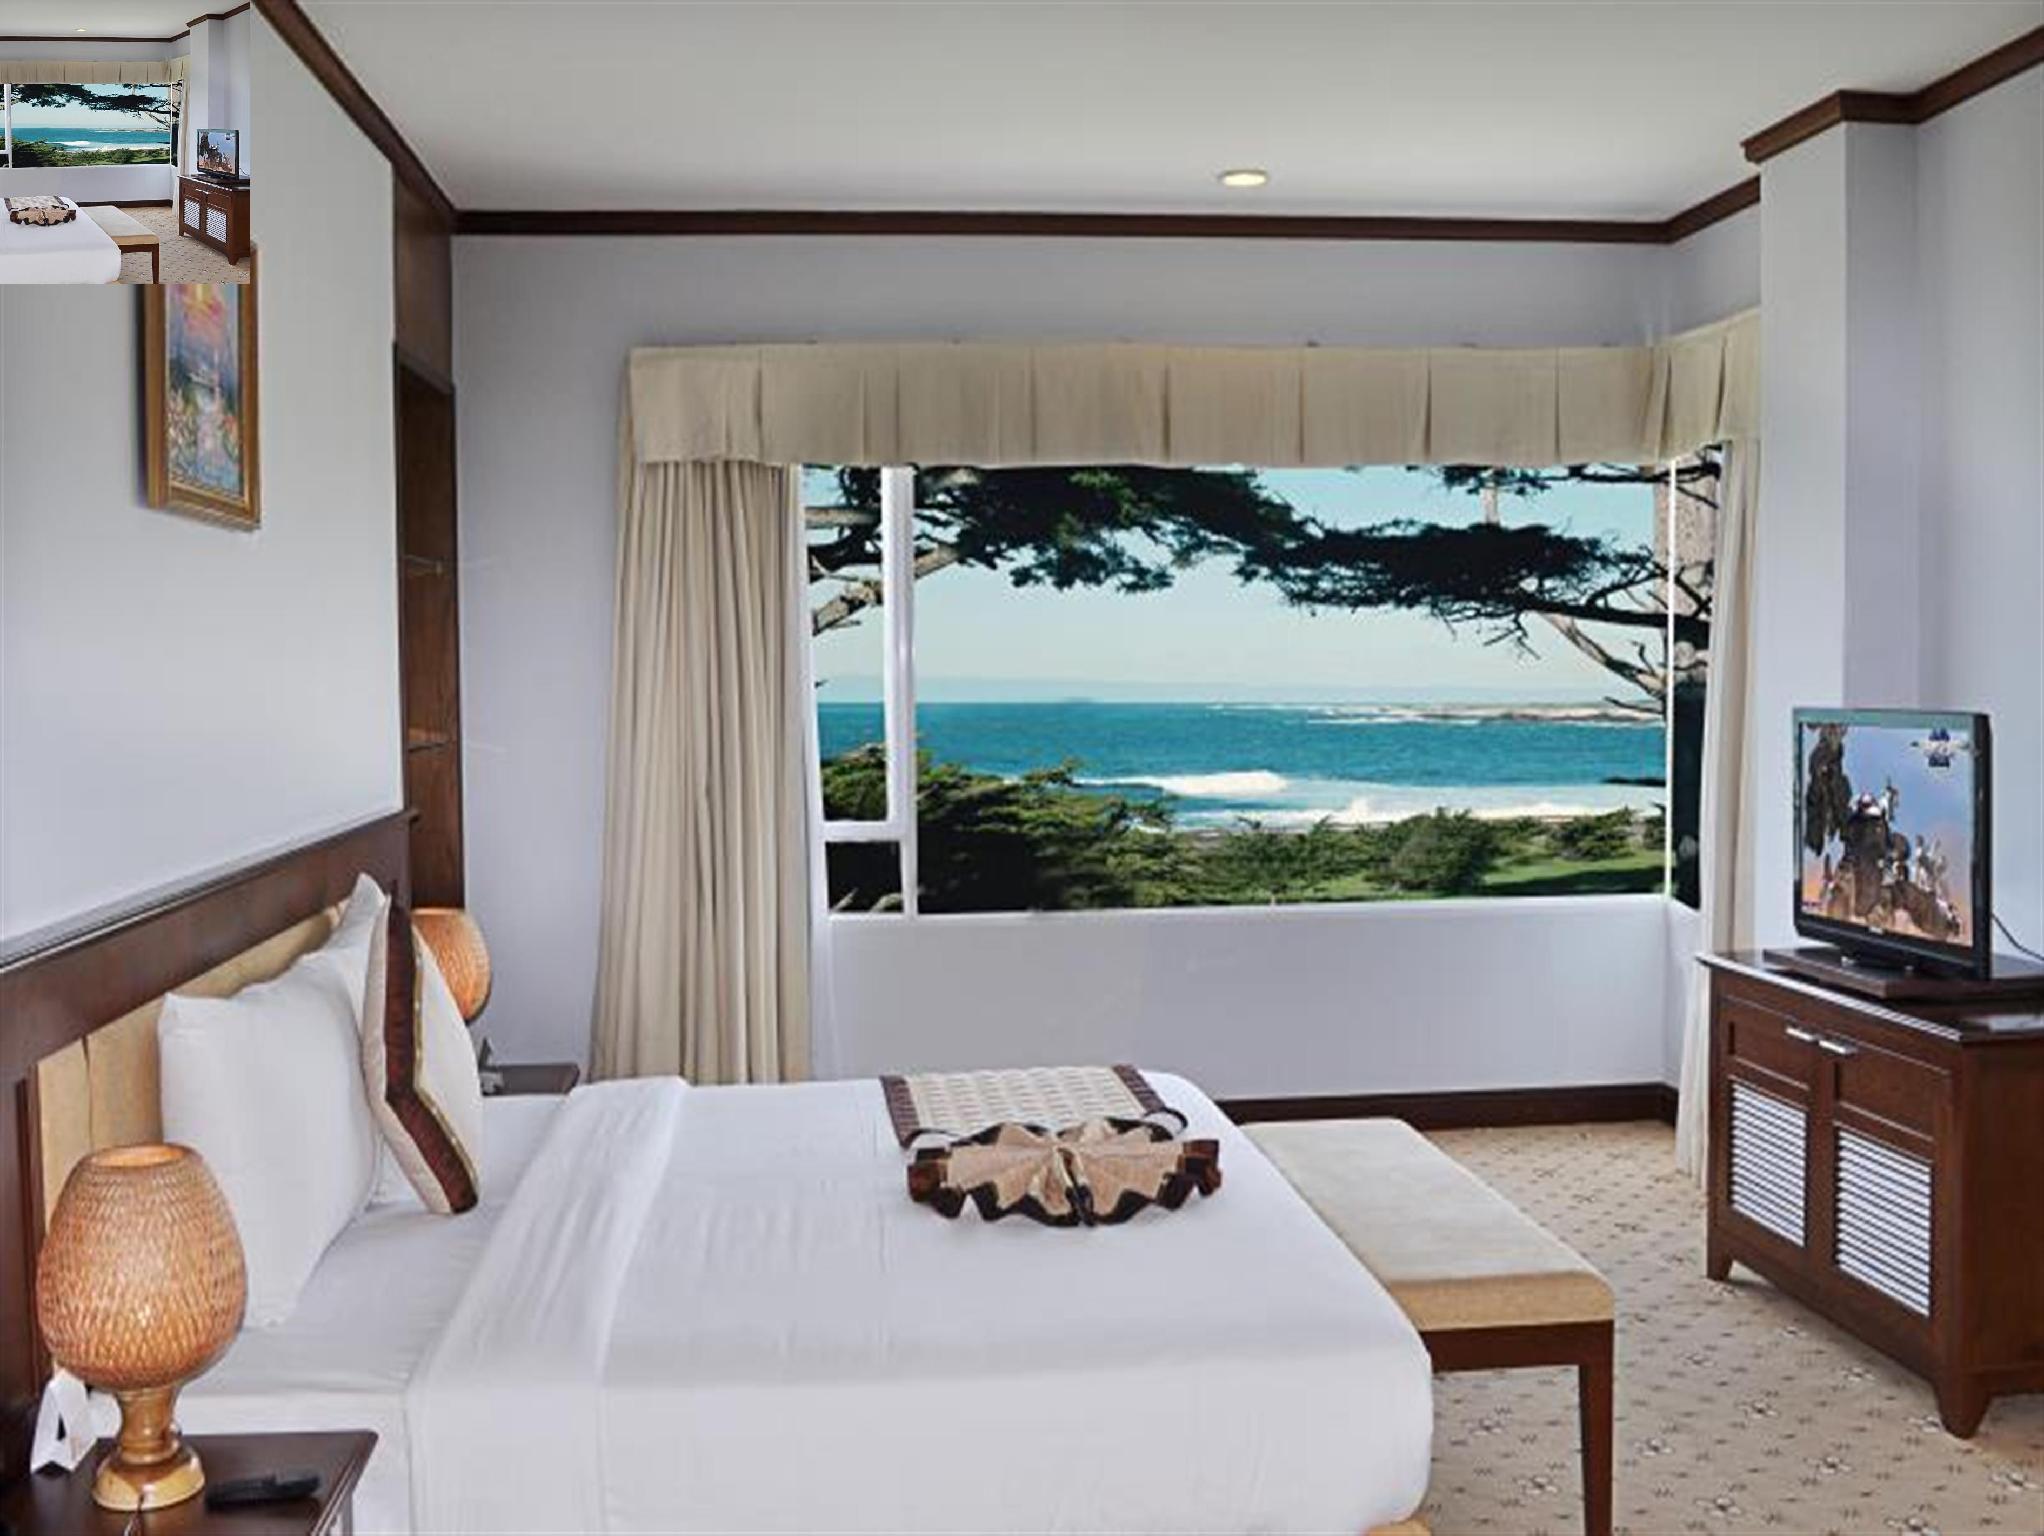 Khách sạn & Resort SaiGon Ninh Chữ, Phan Rang - Tháp Chàm (Ninh Thuận) - Ưu đãi Đặt phòng, Hình ảnh & Đánh giá